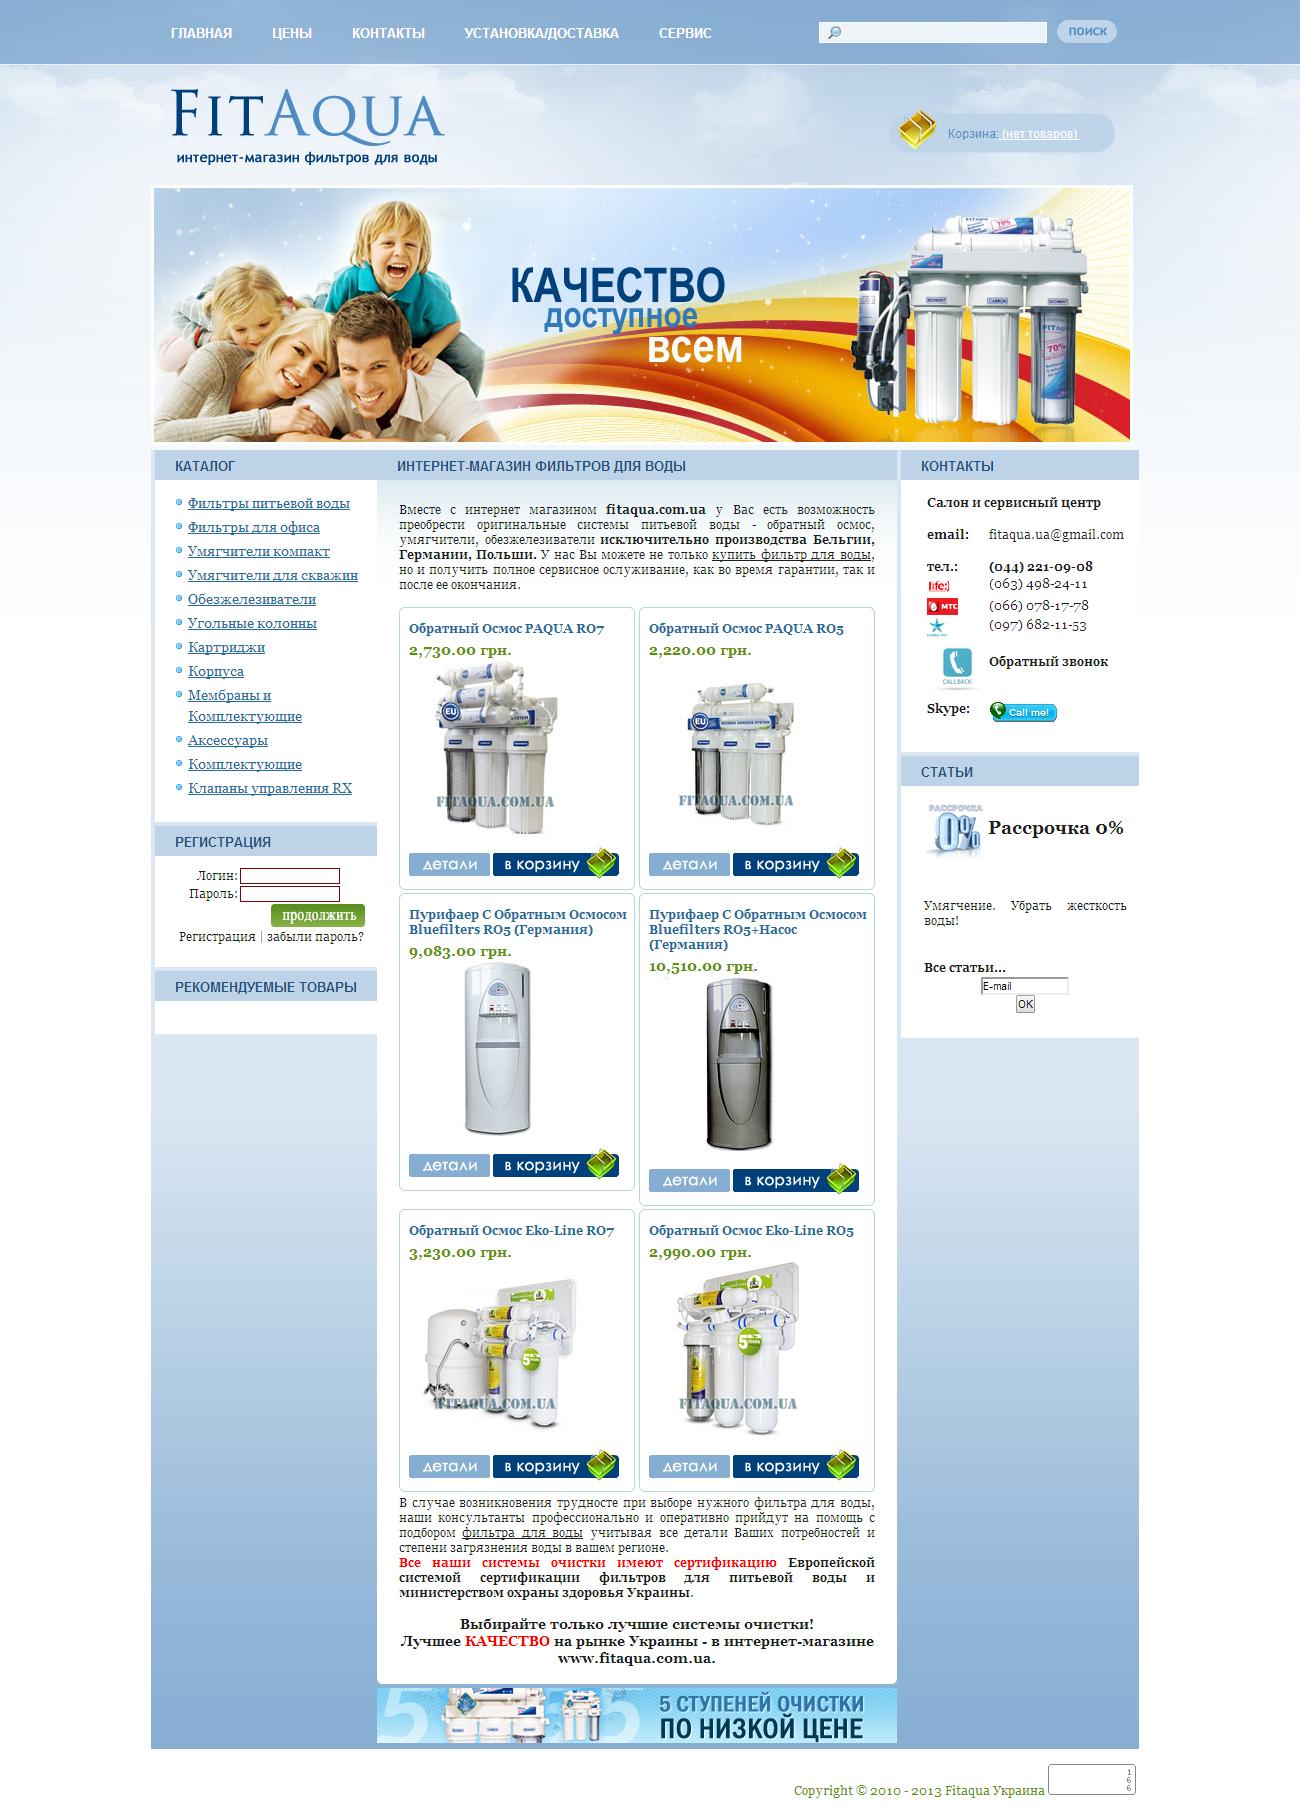 Интернет-магазин фильтров для воды